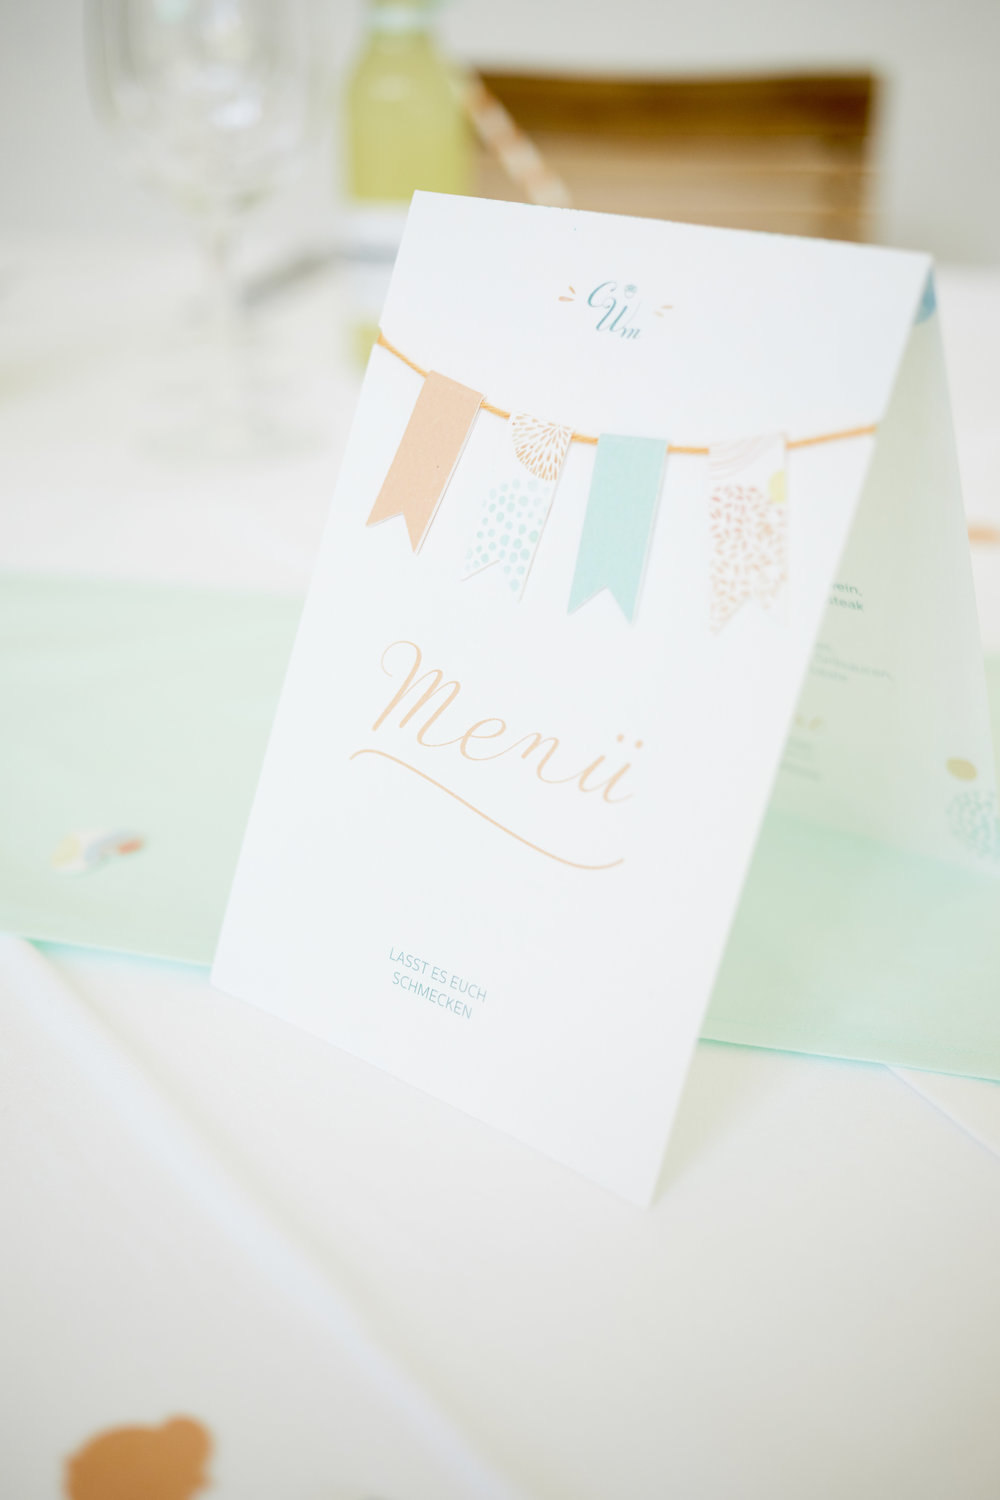 17.07.01. Hochzeit Carola&Werner_007.jpg